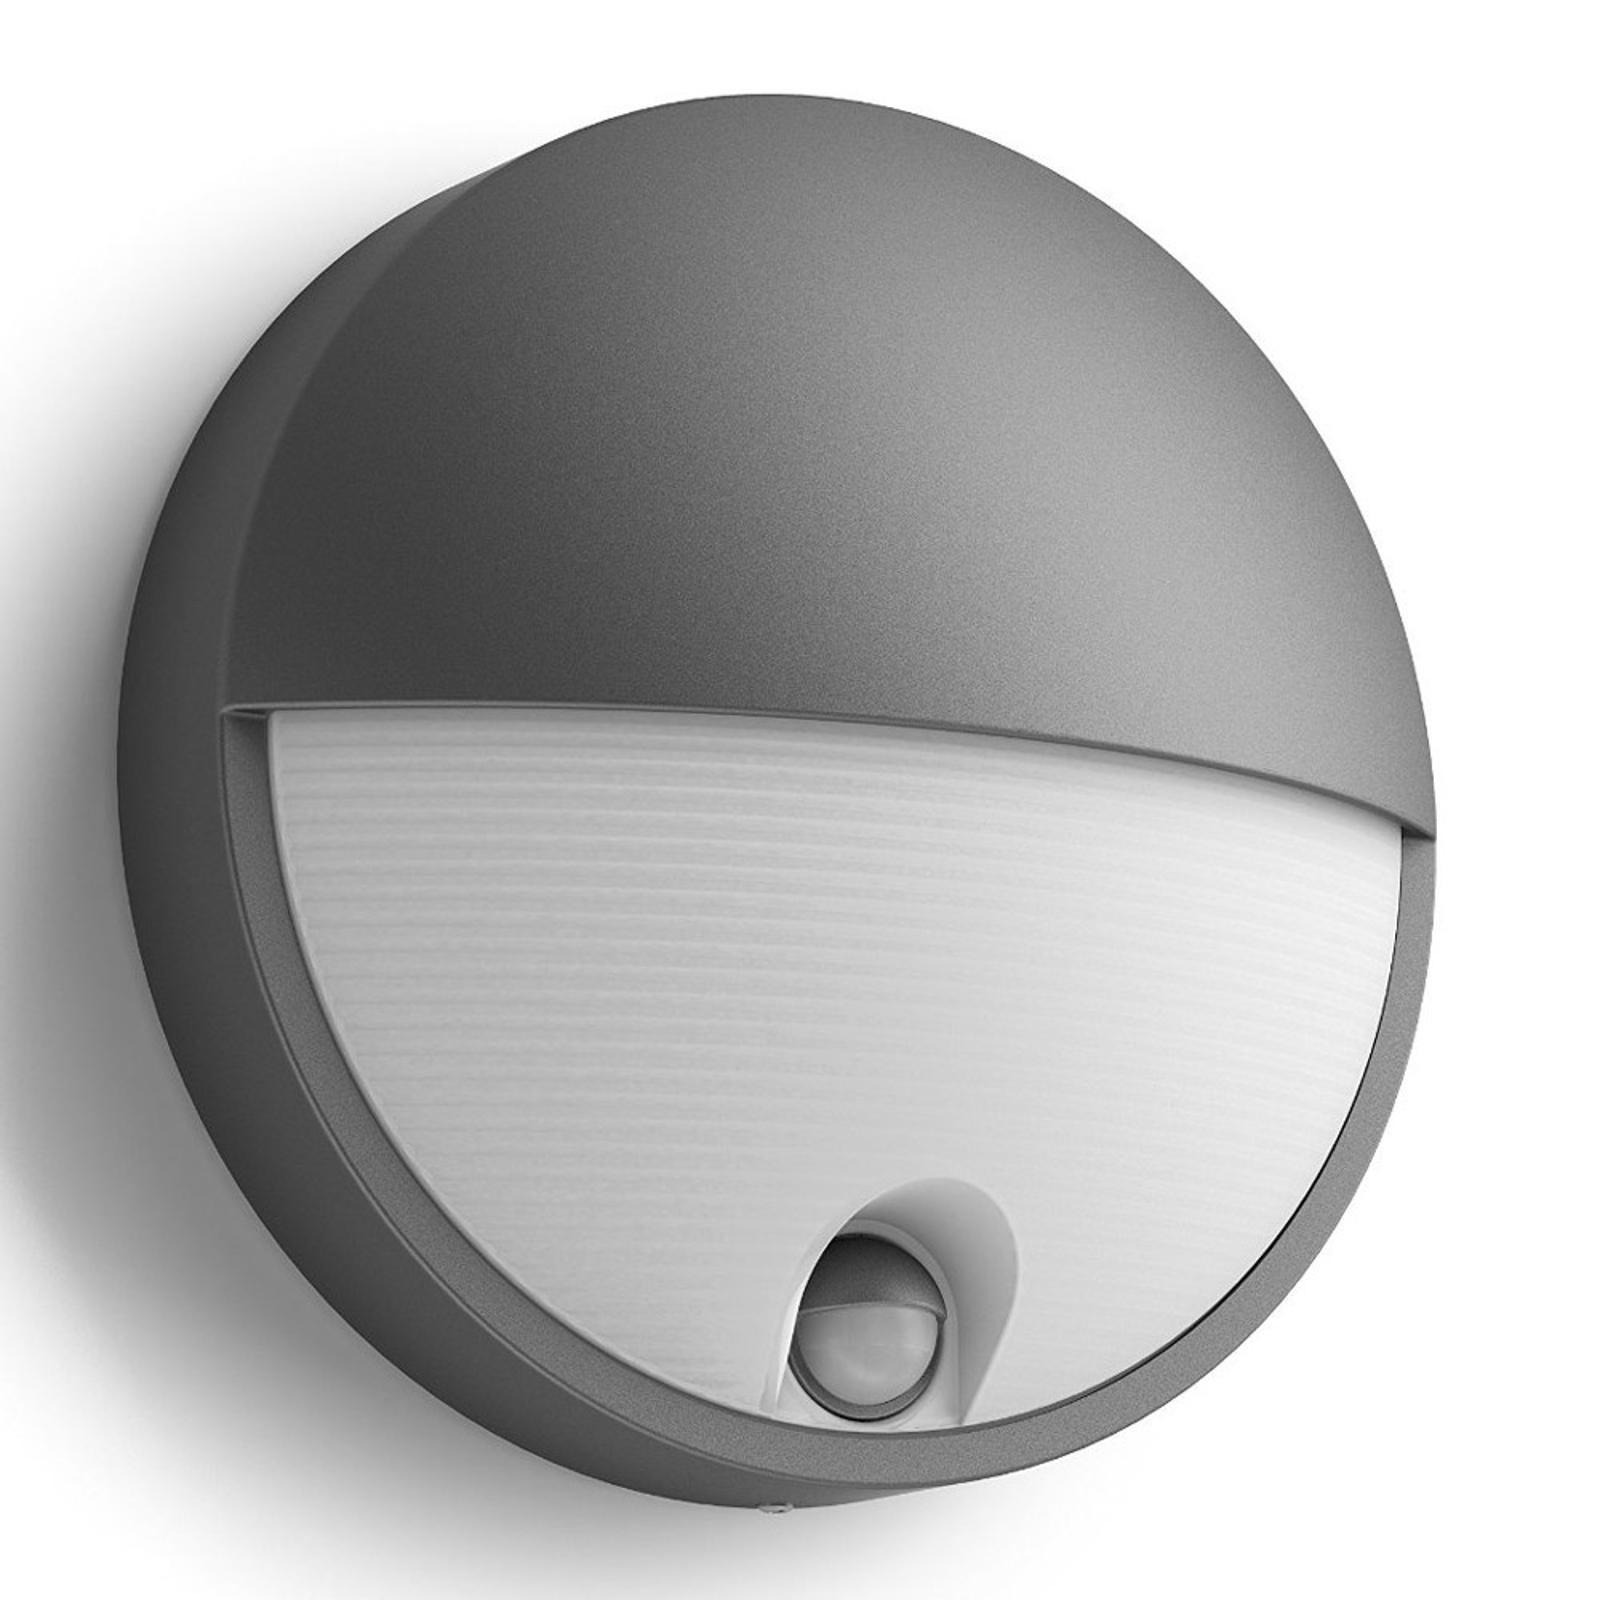 Capricorn - LED-utevegglys med bev.-sensor